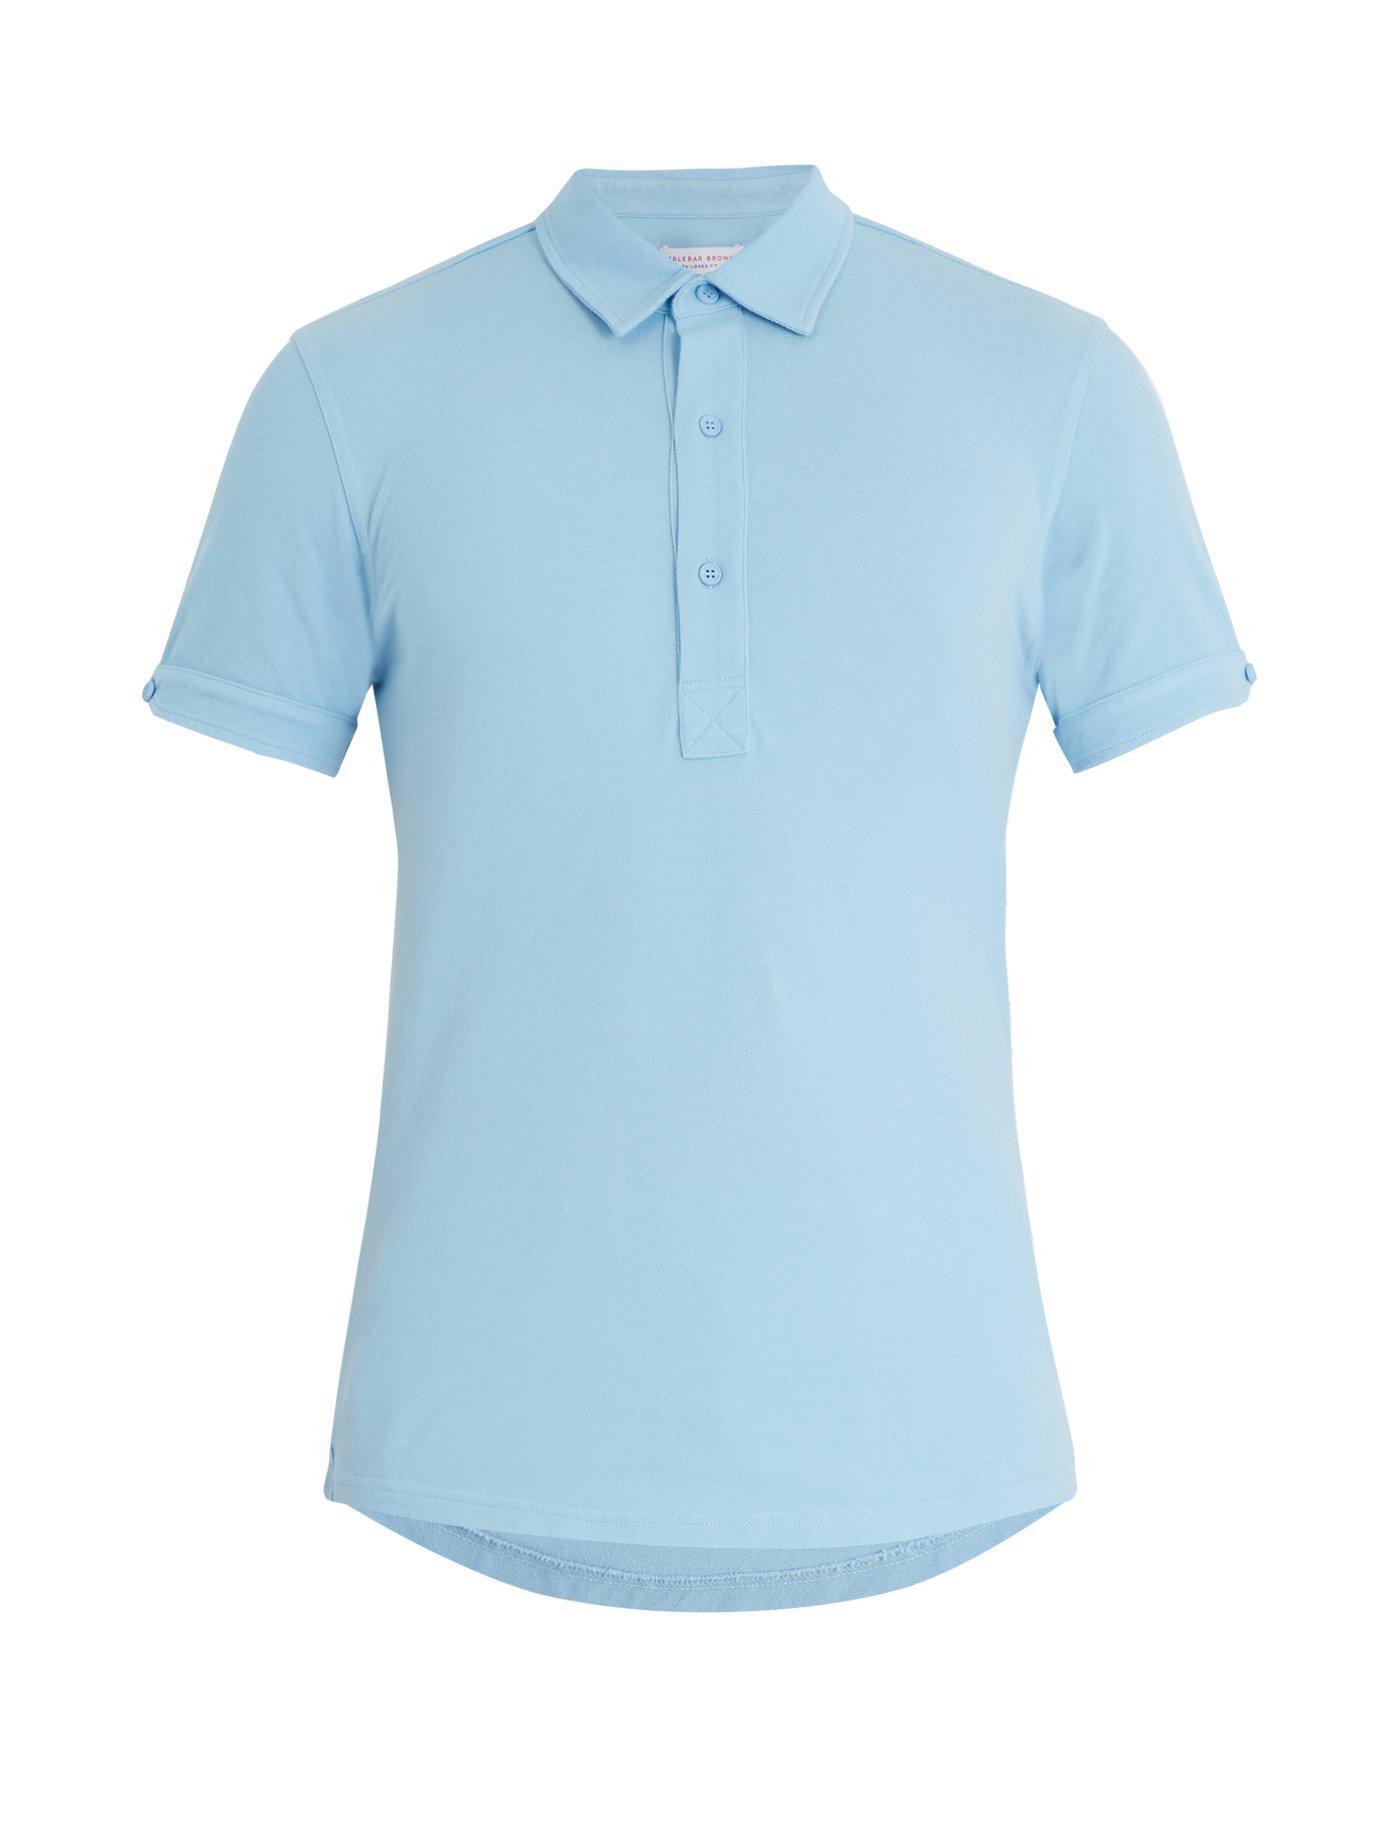 18a59ff44 orlebar-brown-blue-Sebastian-Cotton-Pique-Polo-Shirt.jpeg